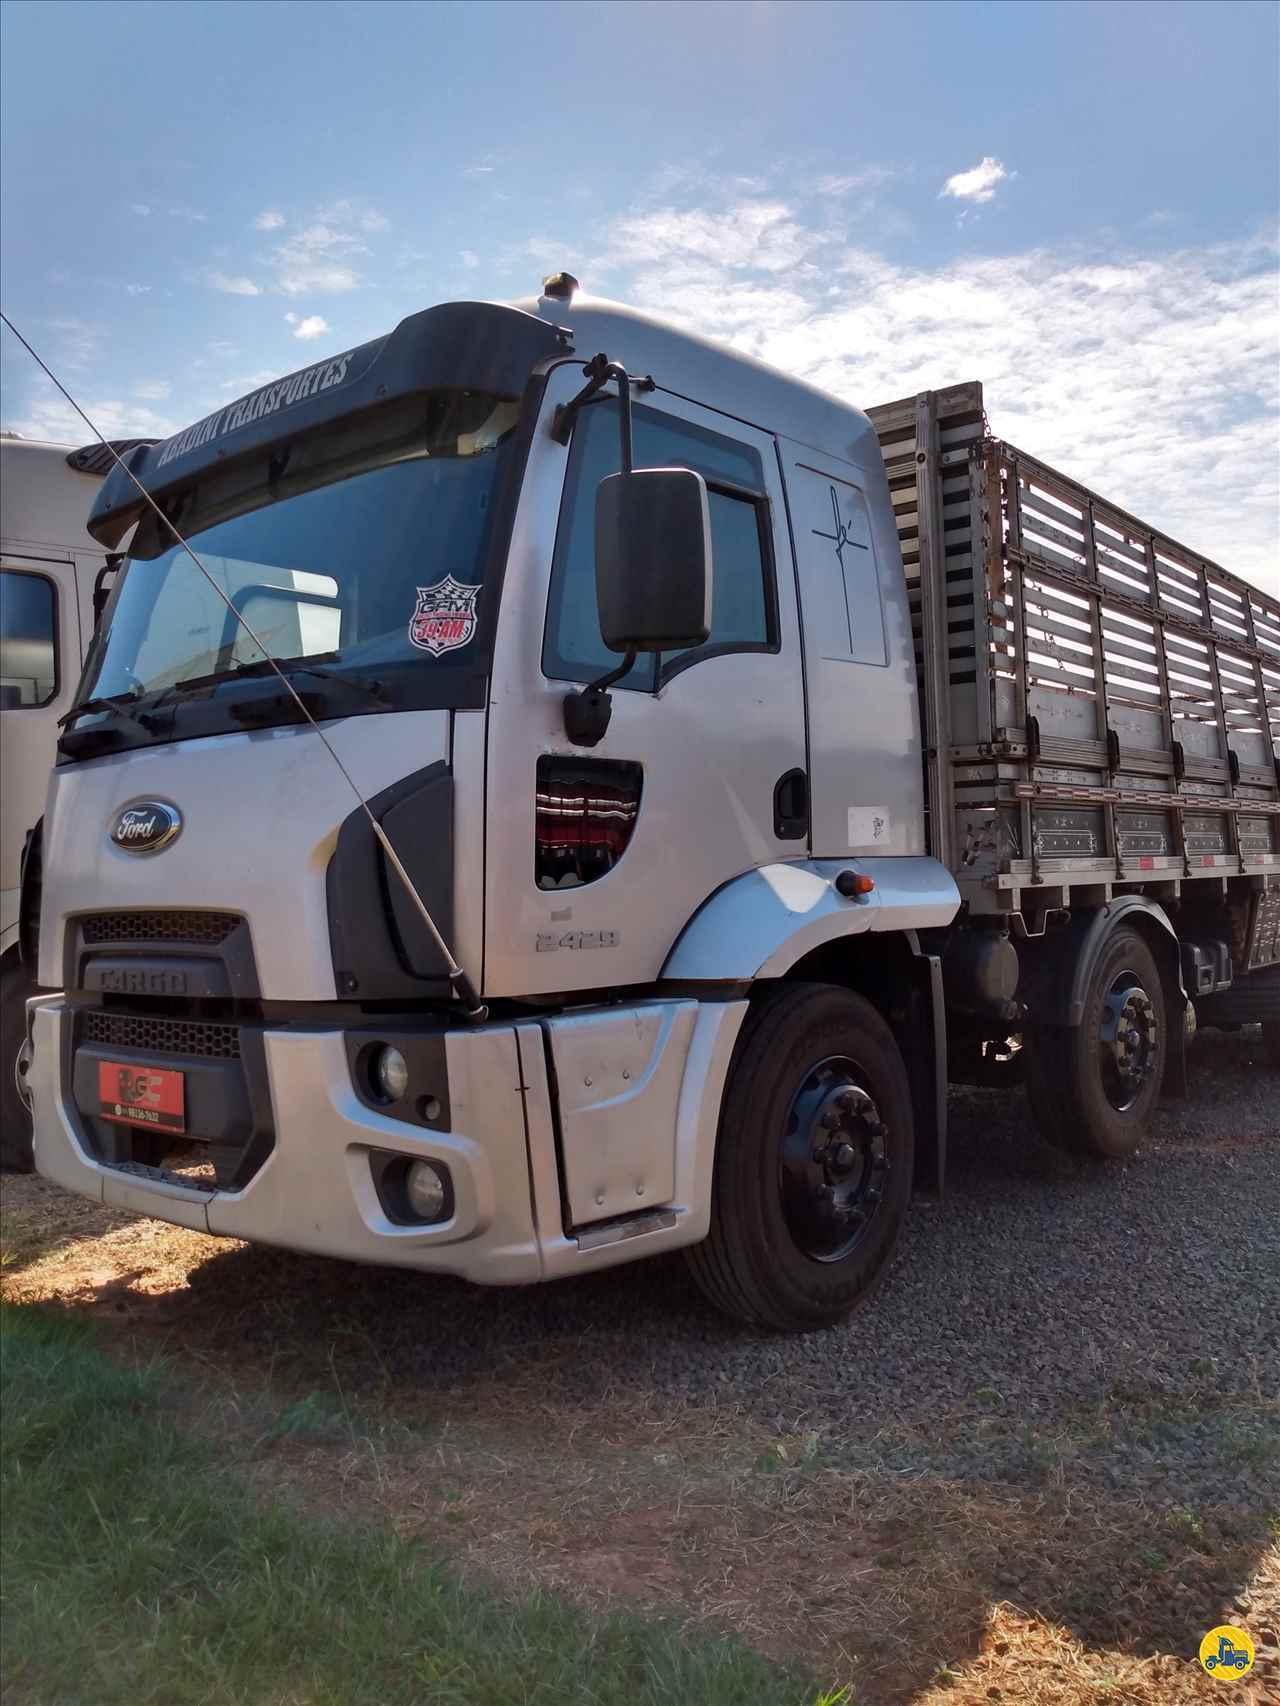 CAMINHAO FORD CARGO 2429 Graneleiro BiTruck 8x2 Gazola Caminhões São José do Rio Preto SÃO PAULO SP